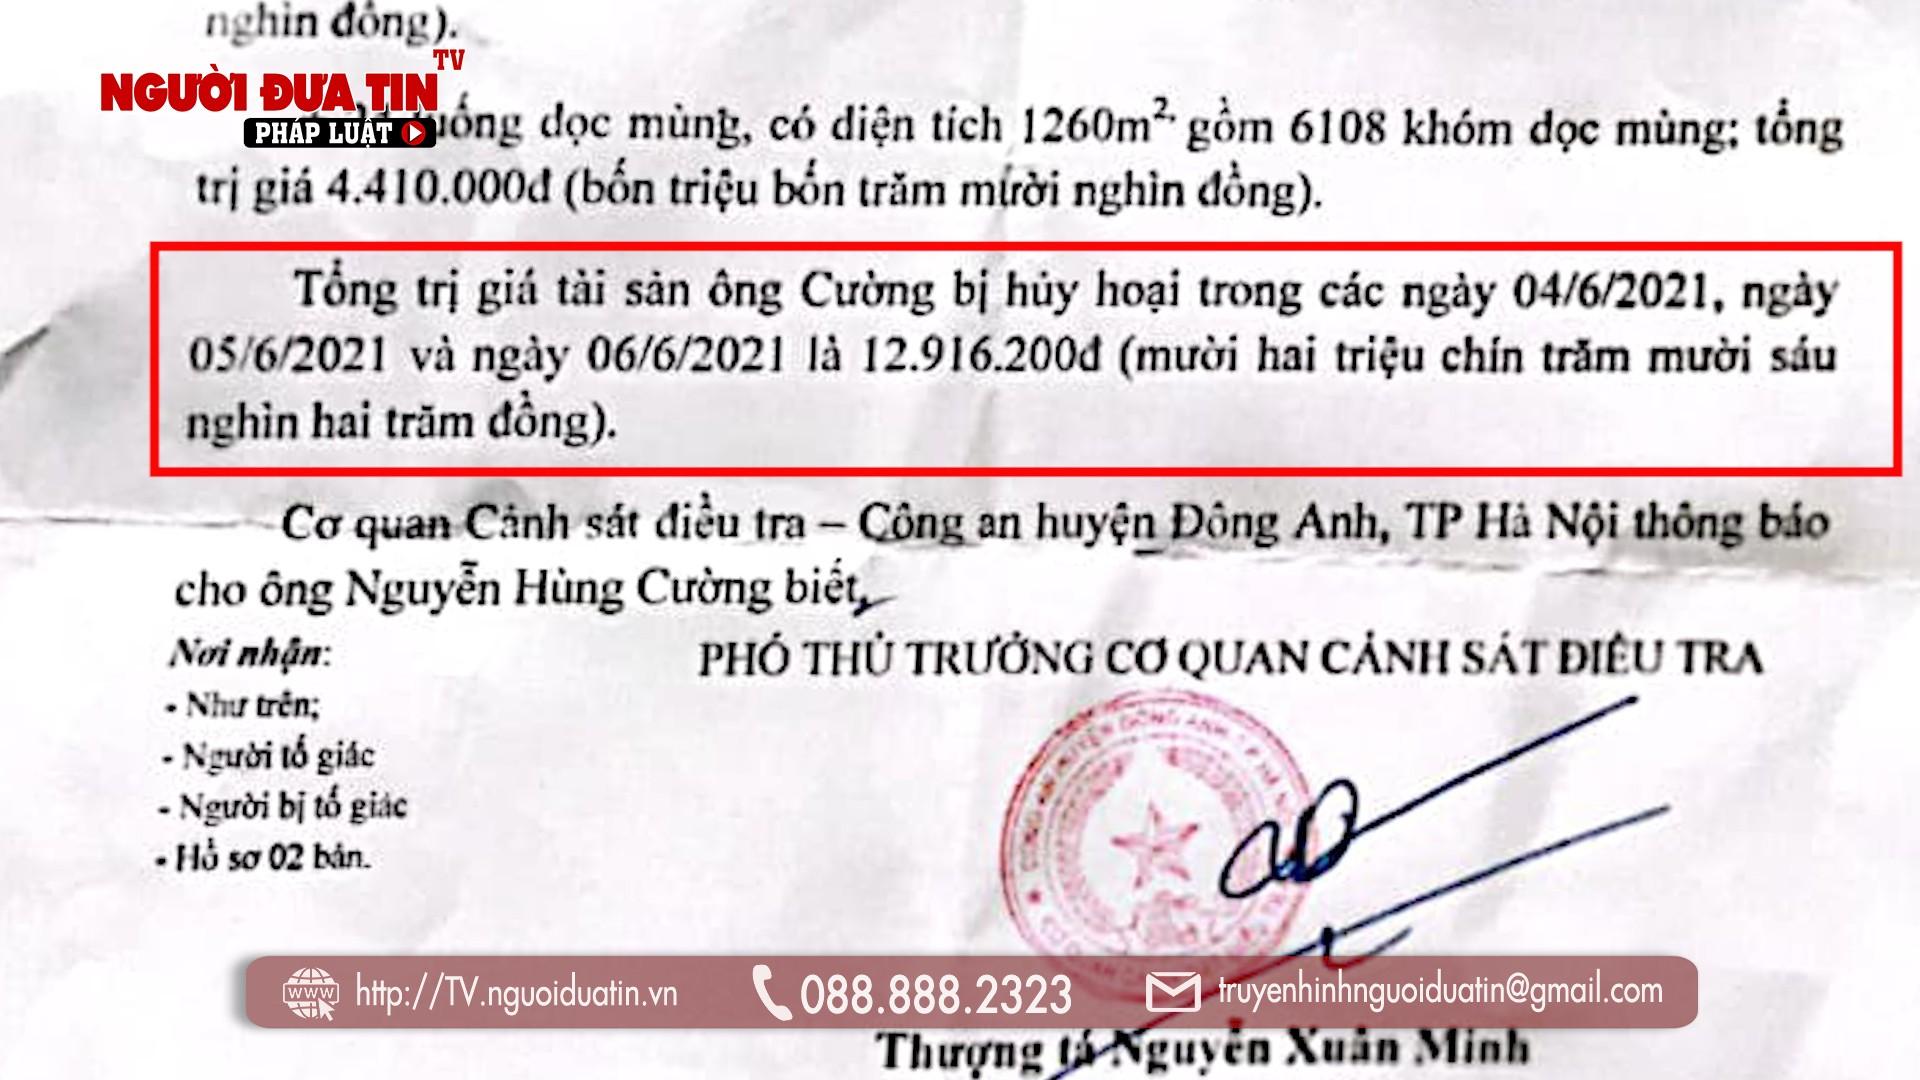 dong-anh-400-01-00-24still002-1624612065.jpg